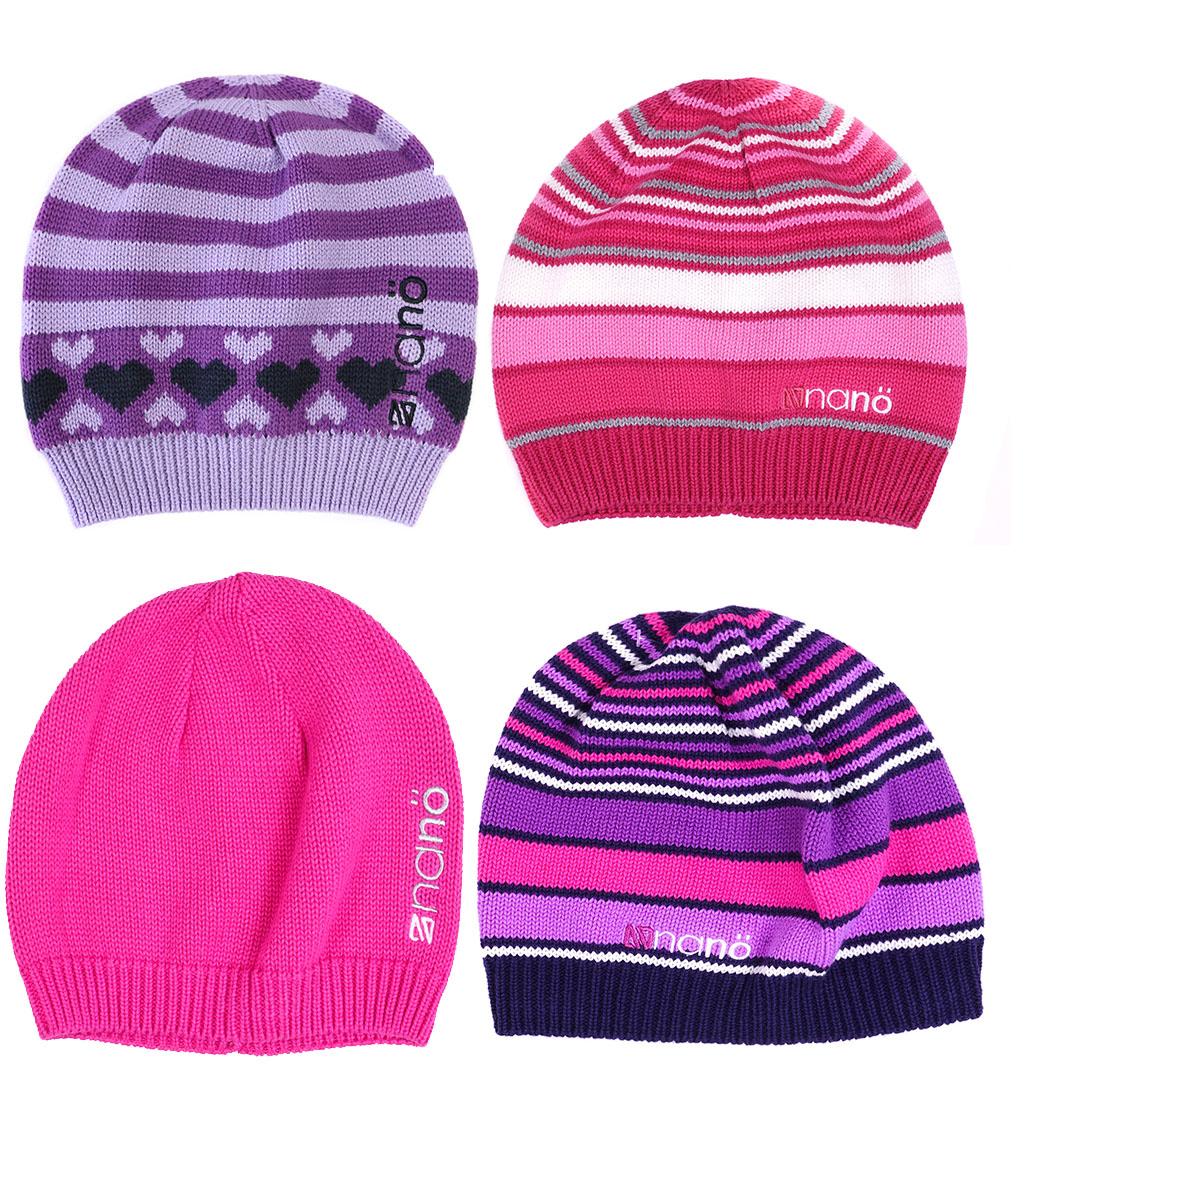 Демисезонные шапки для девочек без отворота.